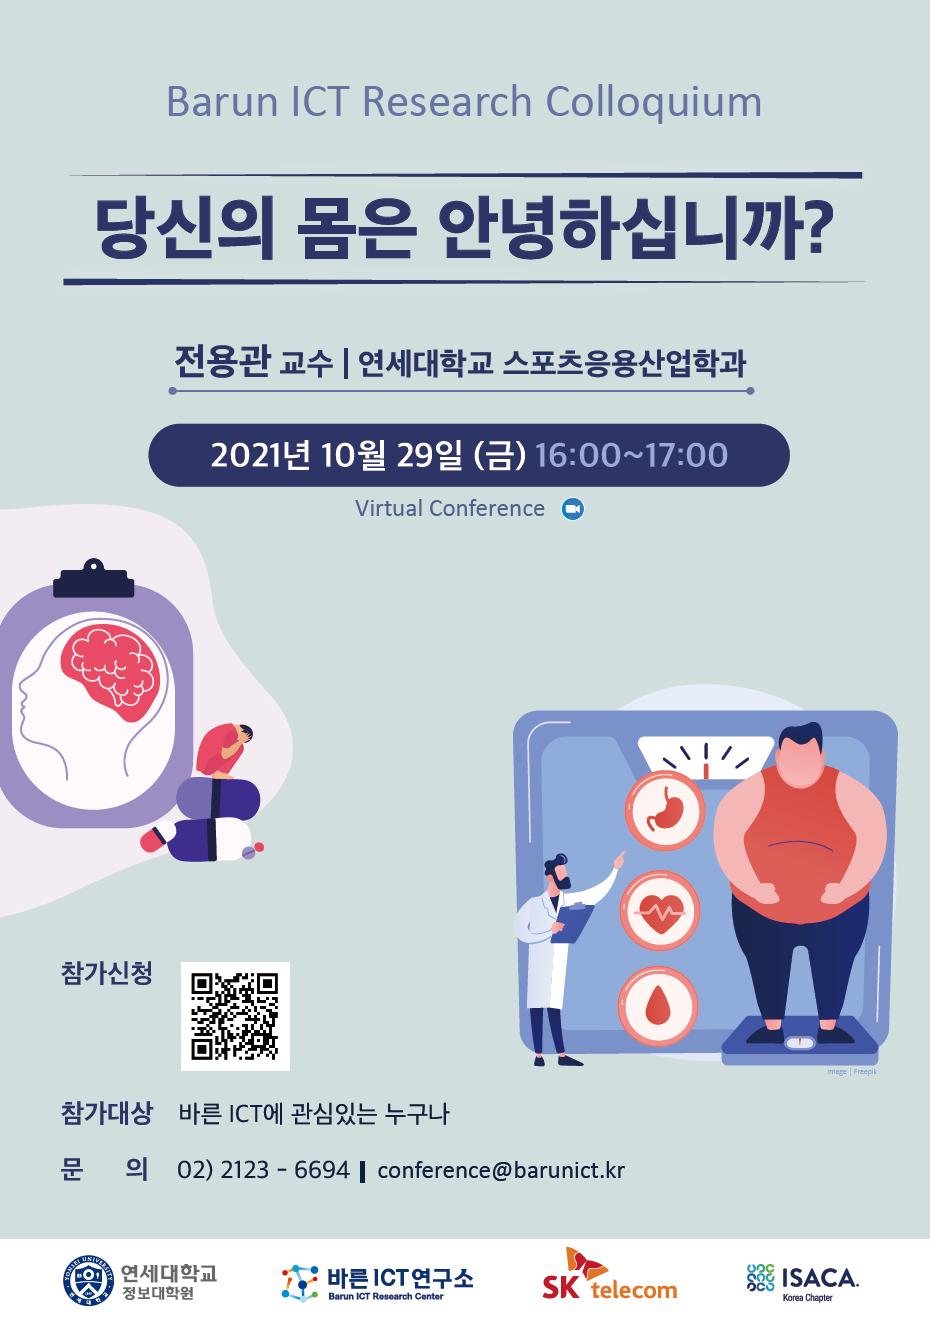 Barun ICT Research Colloquium 10월 29일 (금) 16:00~